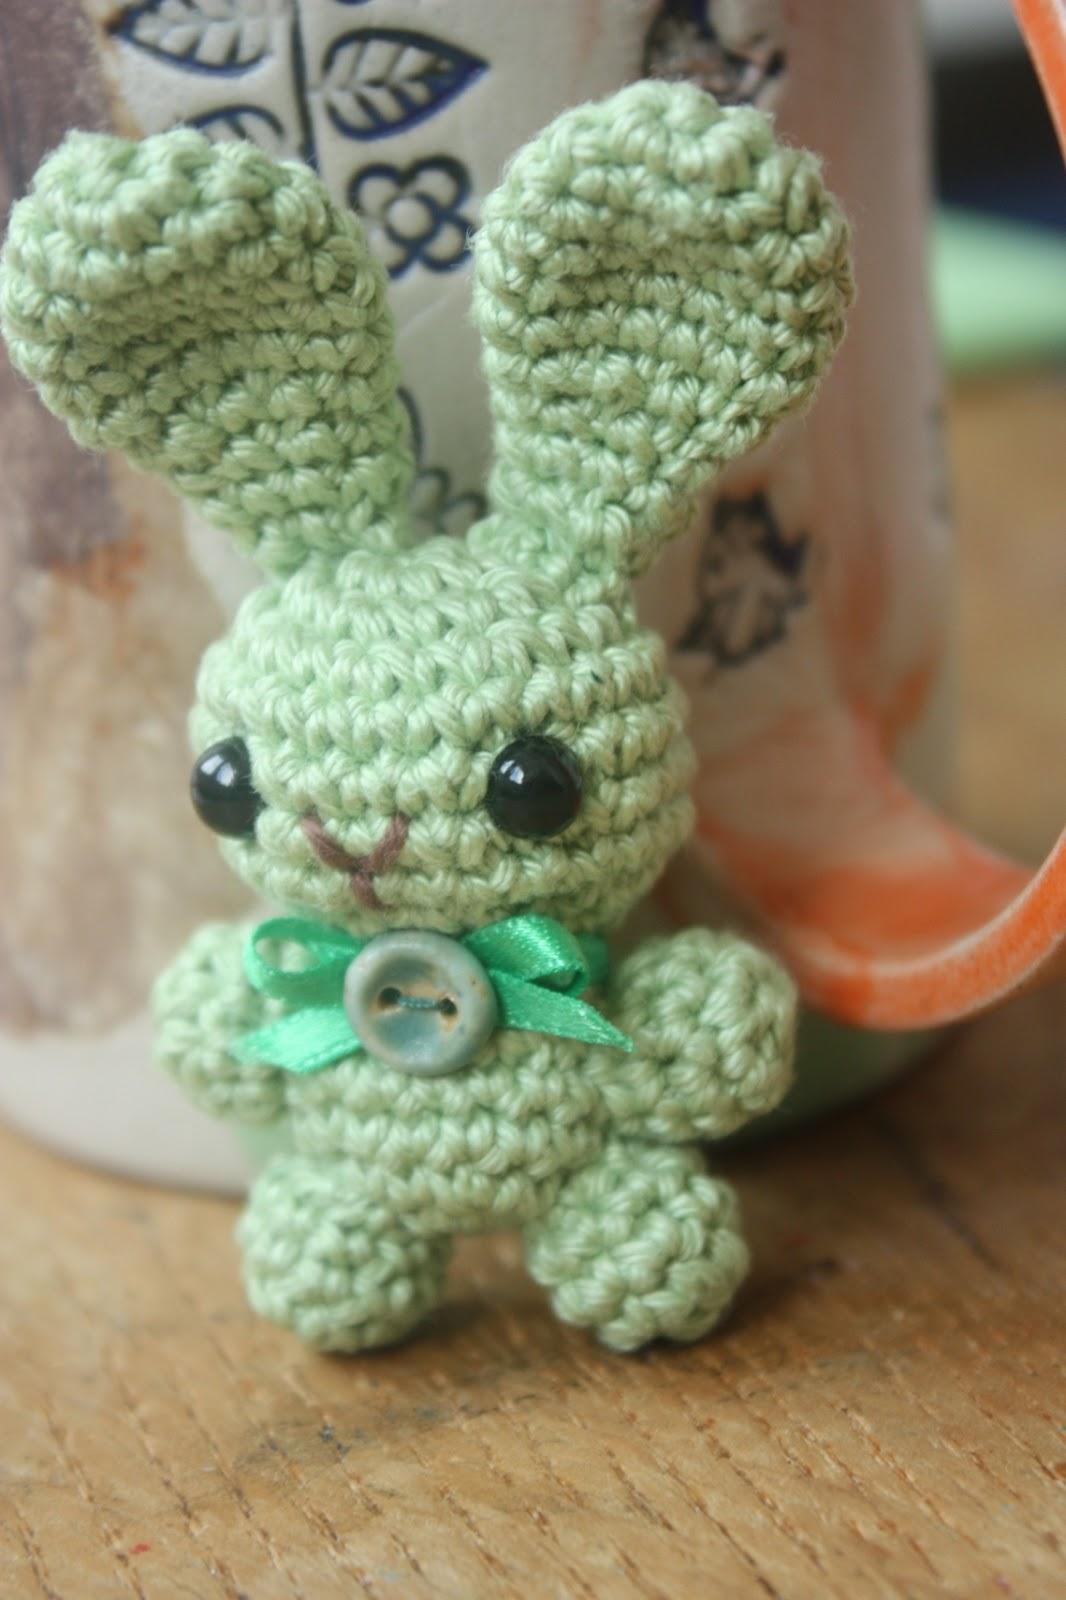 Happyamigurumi amigurumi bunny brooch pattern and a free gift bag amigurumi bunny brooch pattern and a free gift bag pattern bankloansurffo Gallery